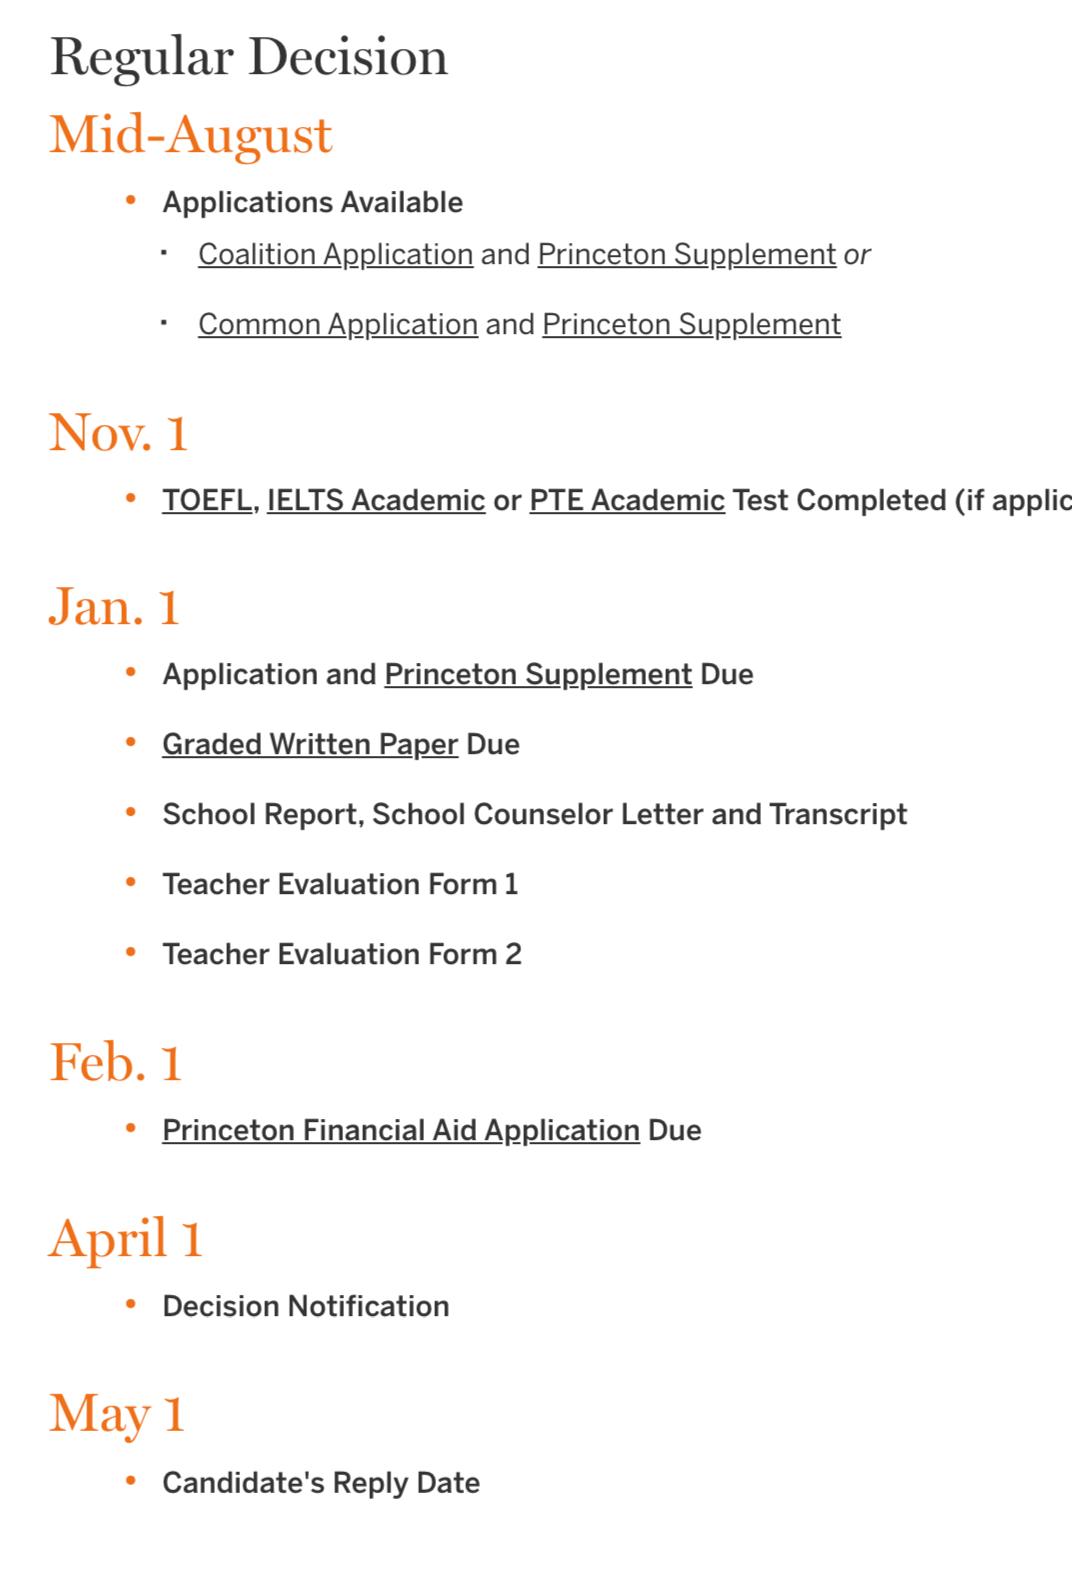 最新!2020年美国综合大学TOP70+美国文理学院TOP30的EA/ED/RD批次申请截止日期汇总